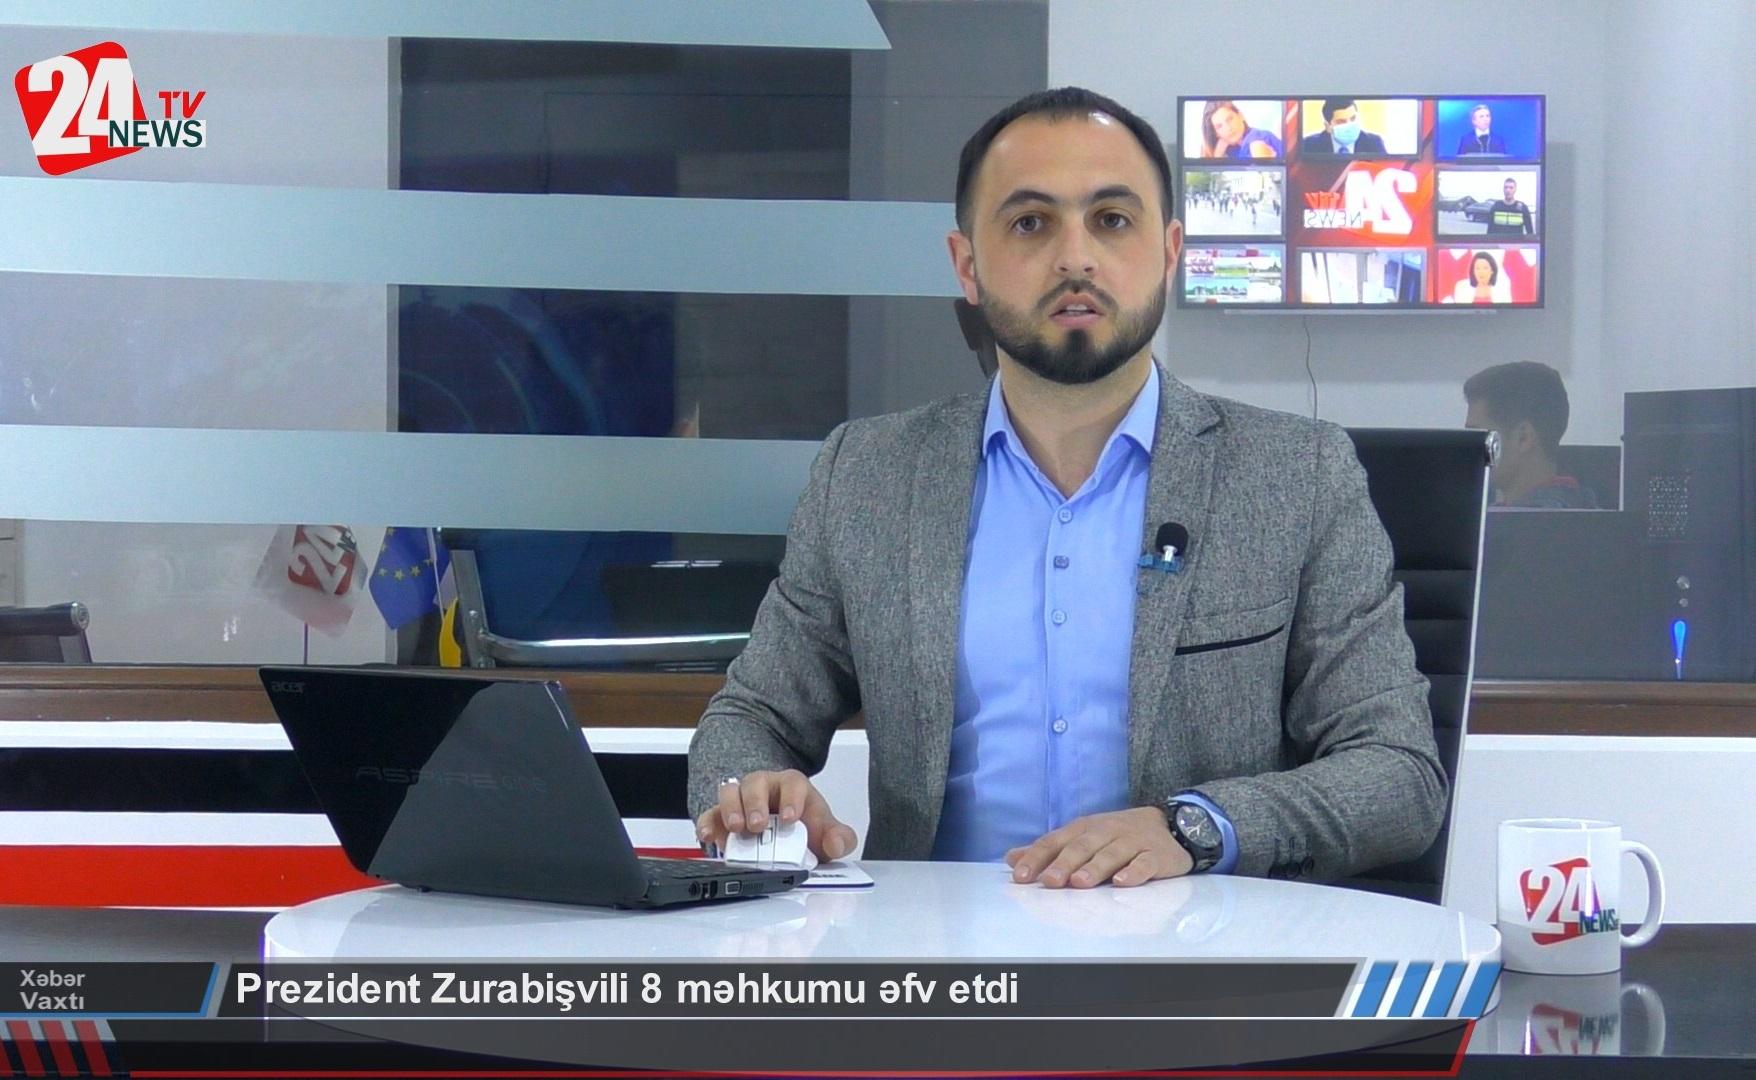 24News Tv-də Xəbər Vaxtı (06.05.2021) - (VİDEO)